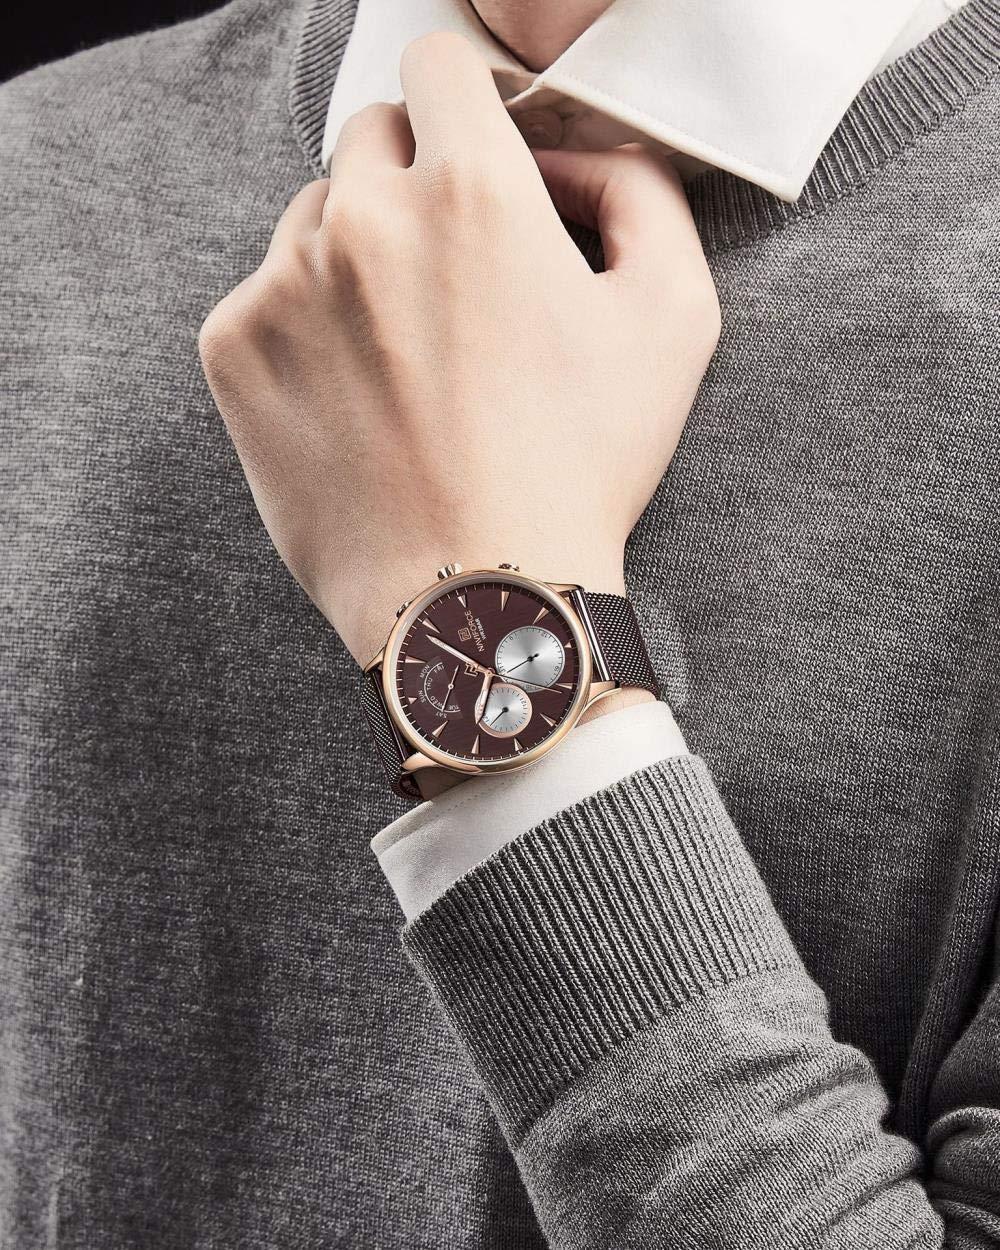 Herrklockor, mode nätrem ultratunn minimalistisk affärskvarts klocka a